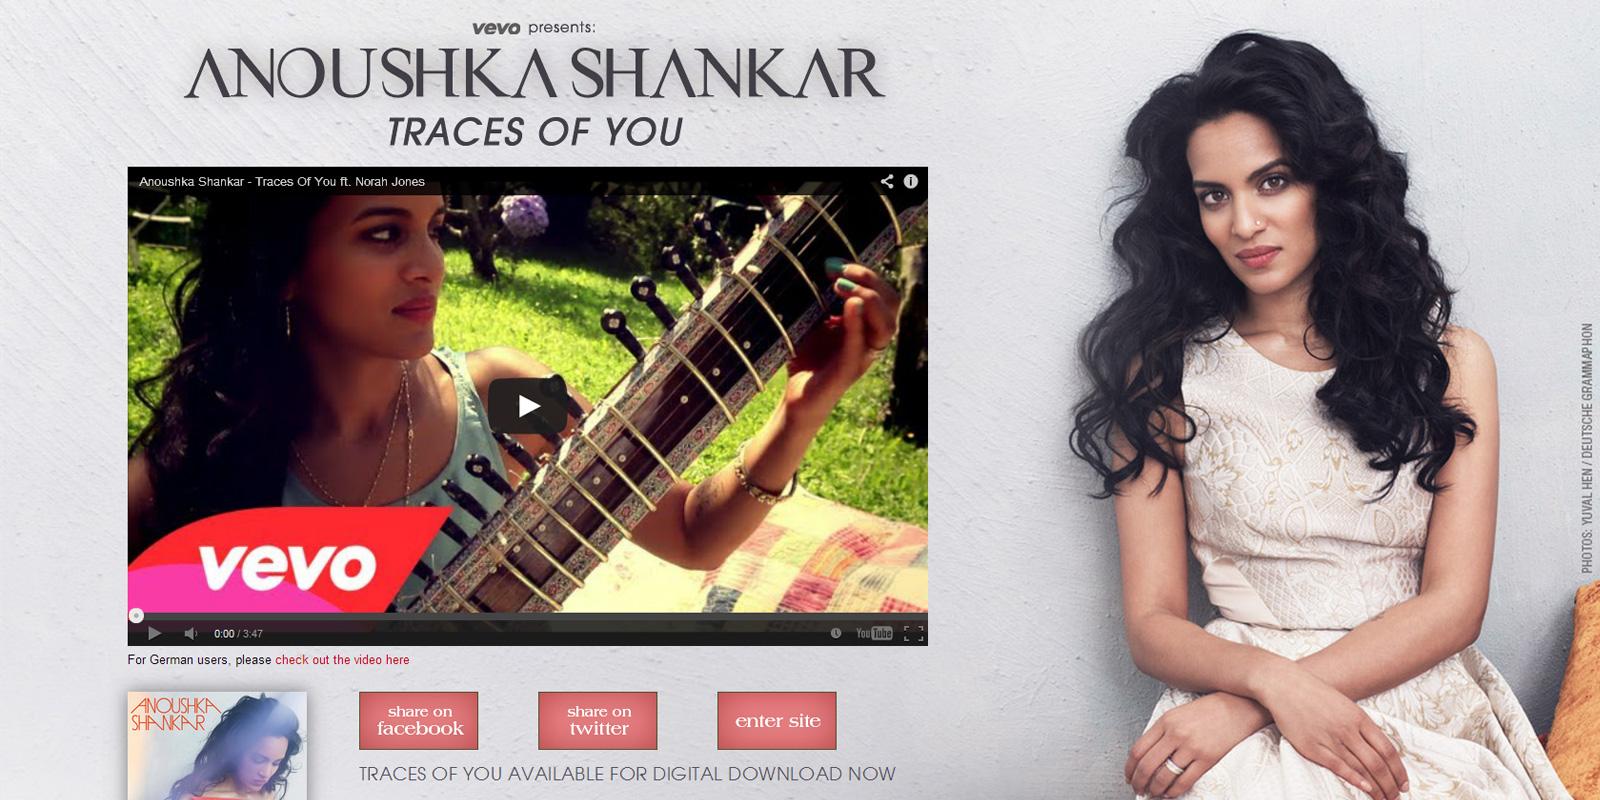 Anoushka Shankar Vevo Landing